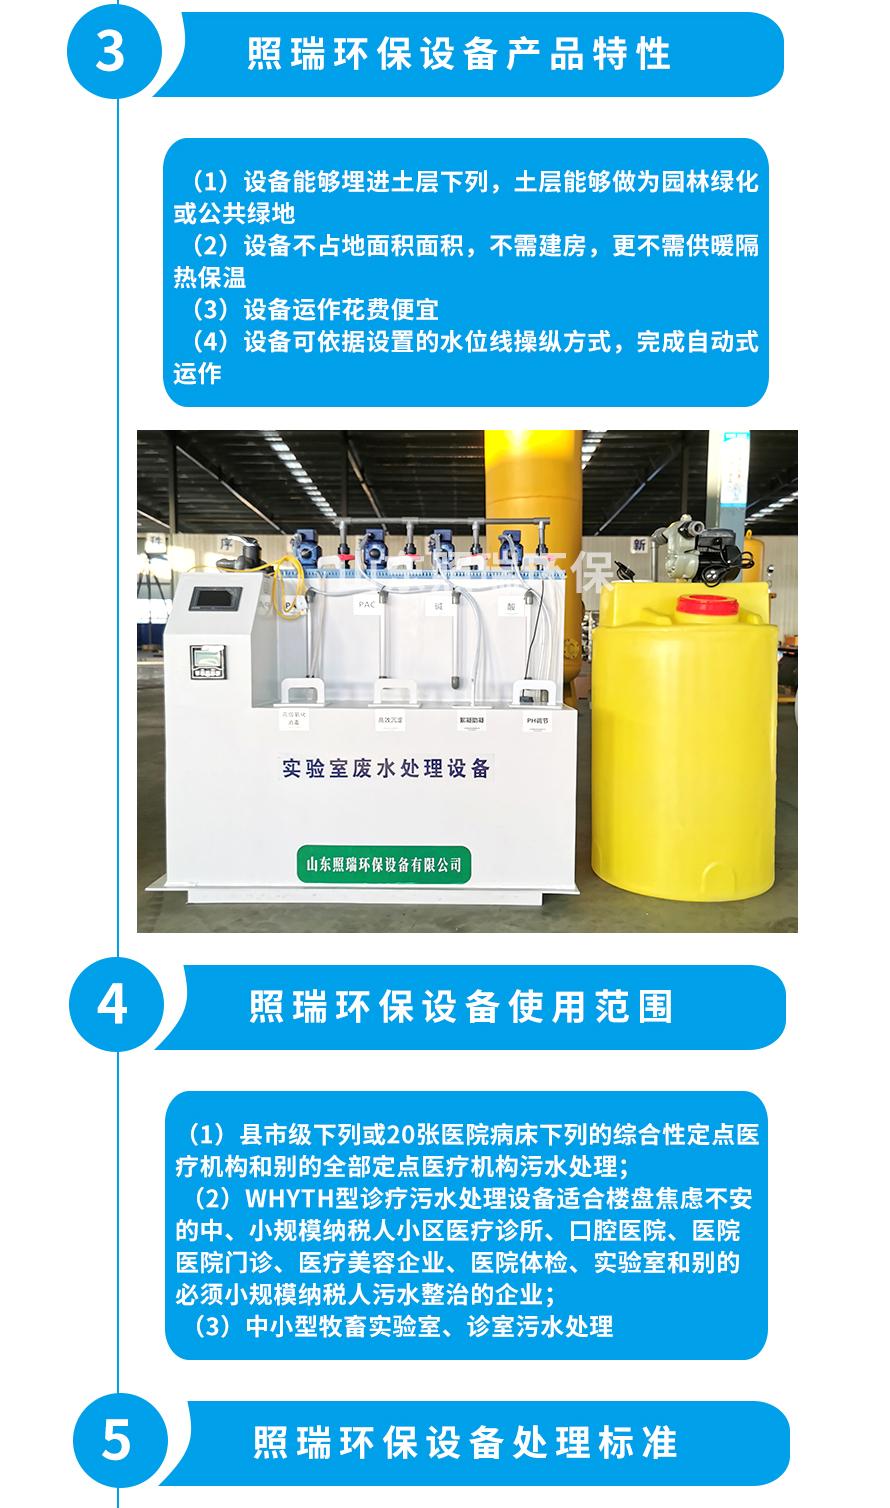 实验室污水一体化设备得应用技术和处理问题,一篇全部搞懂